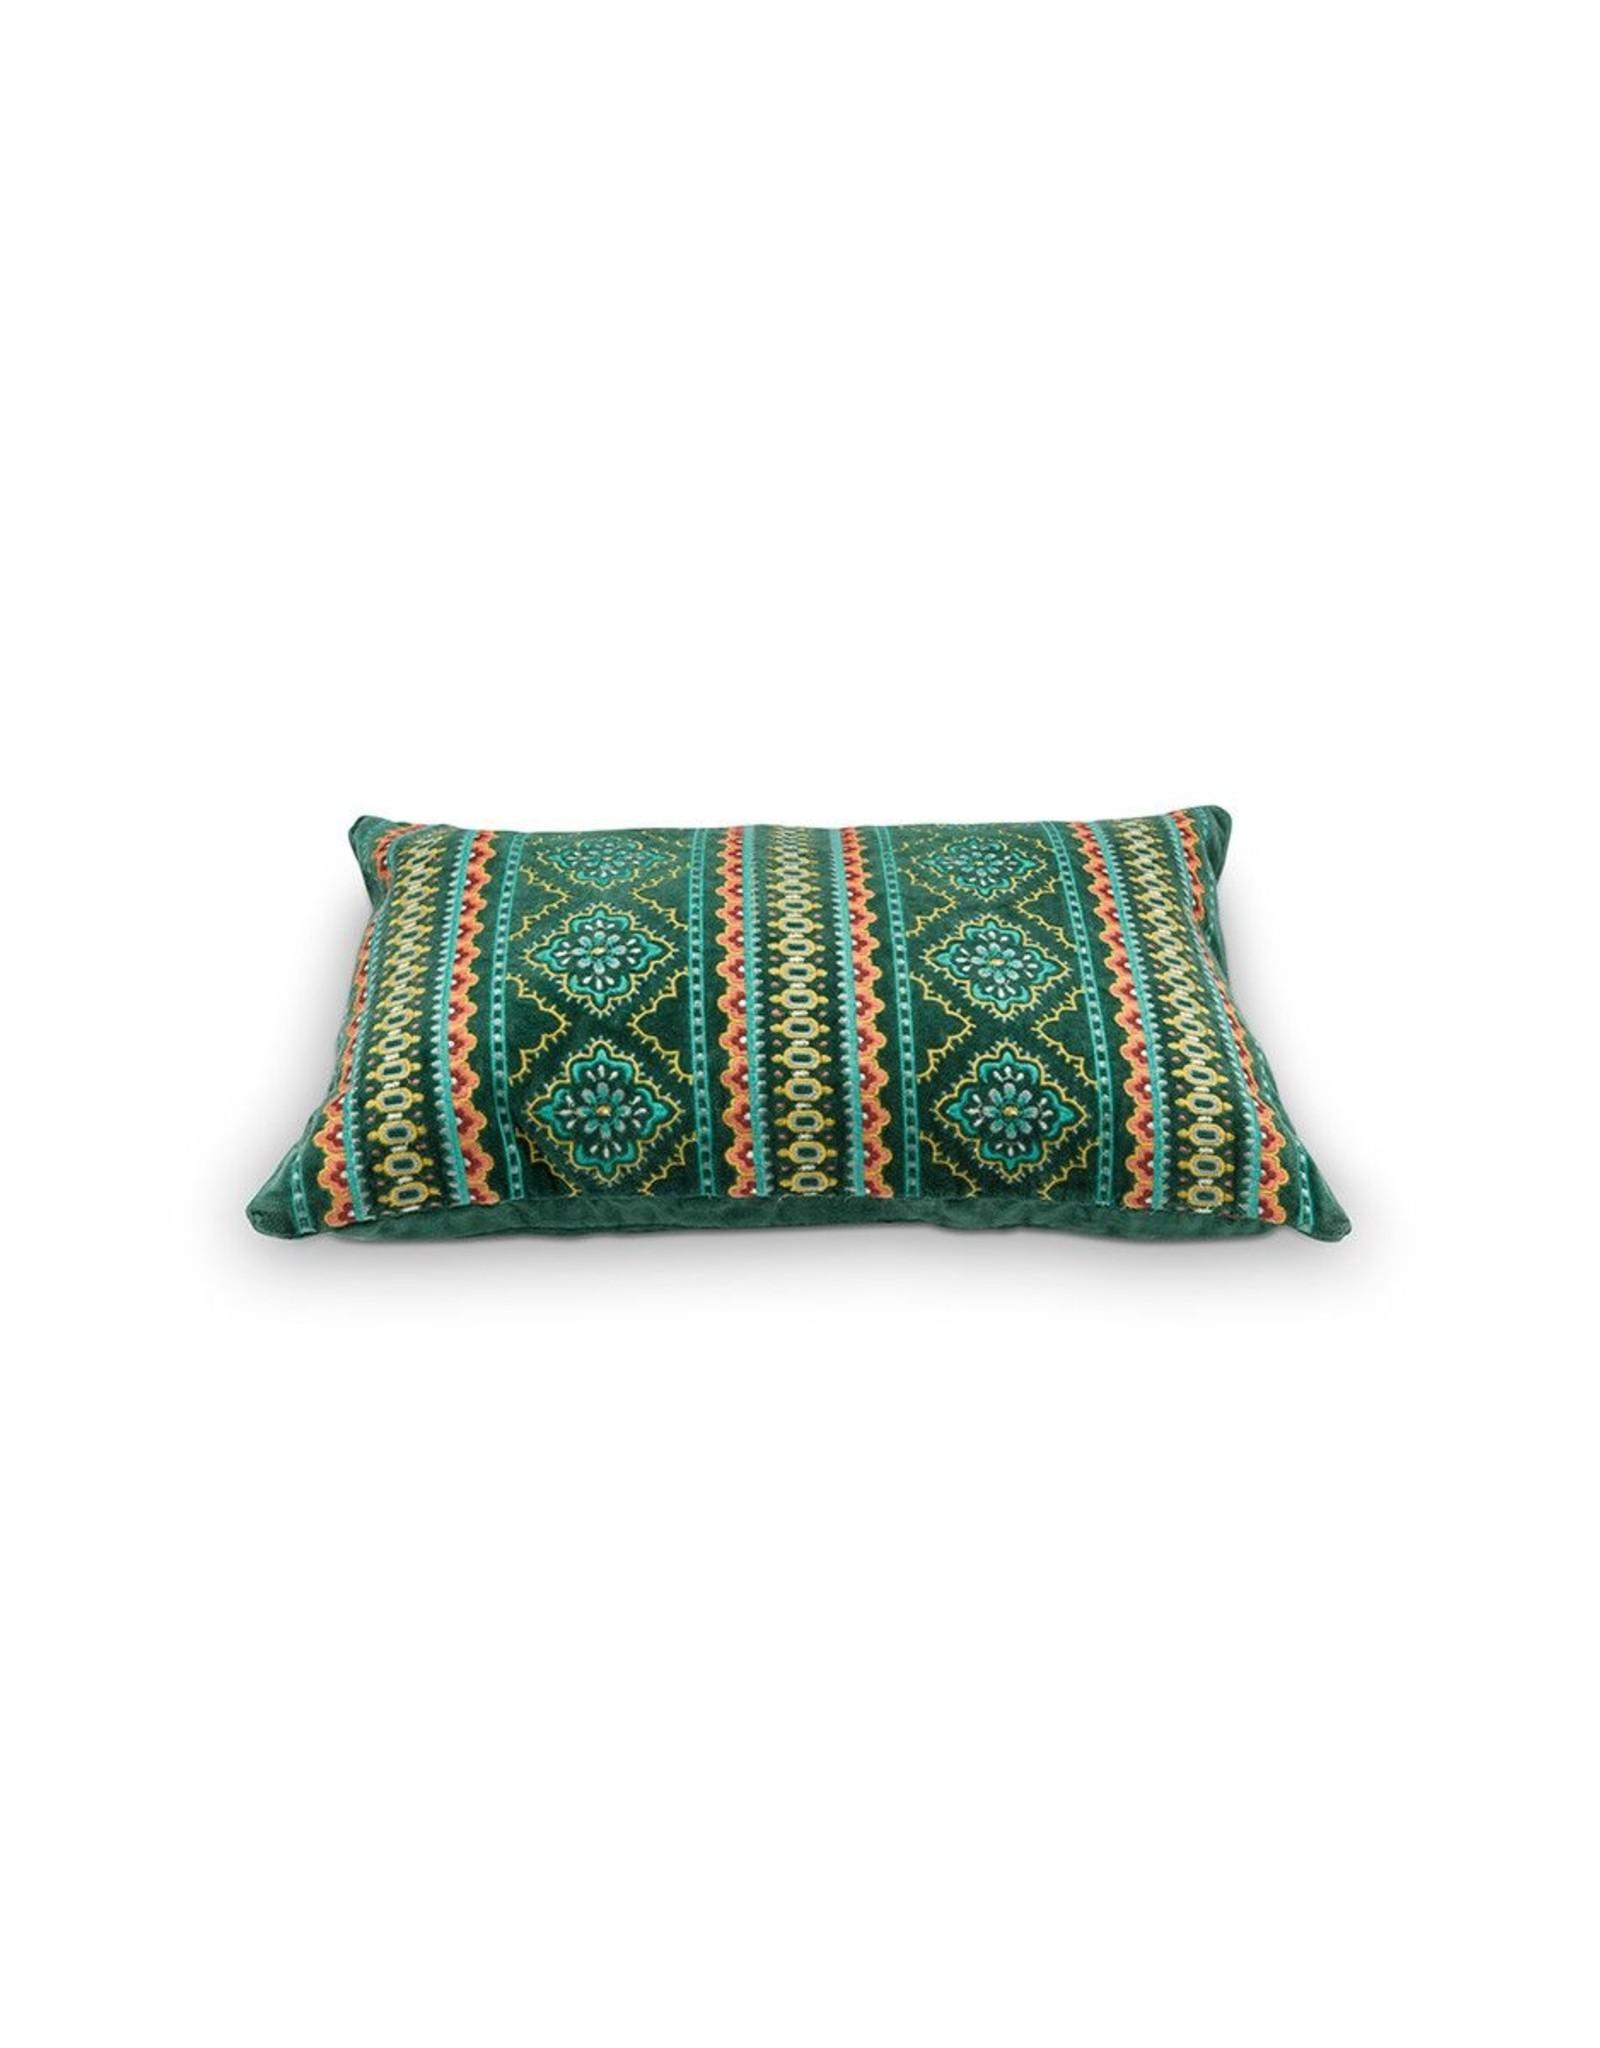 pip-studio Pip Studio. Cushion Darjeeling Green 30x50cm